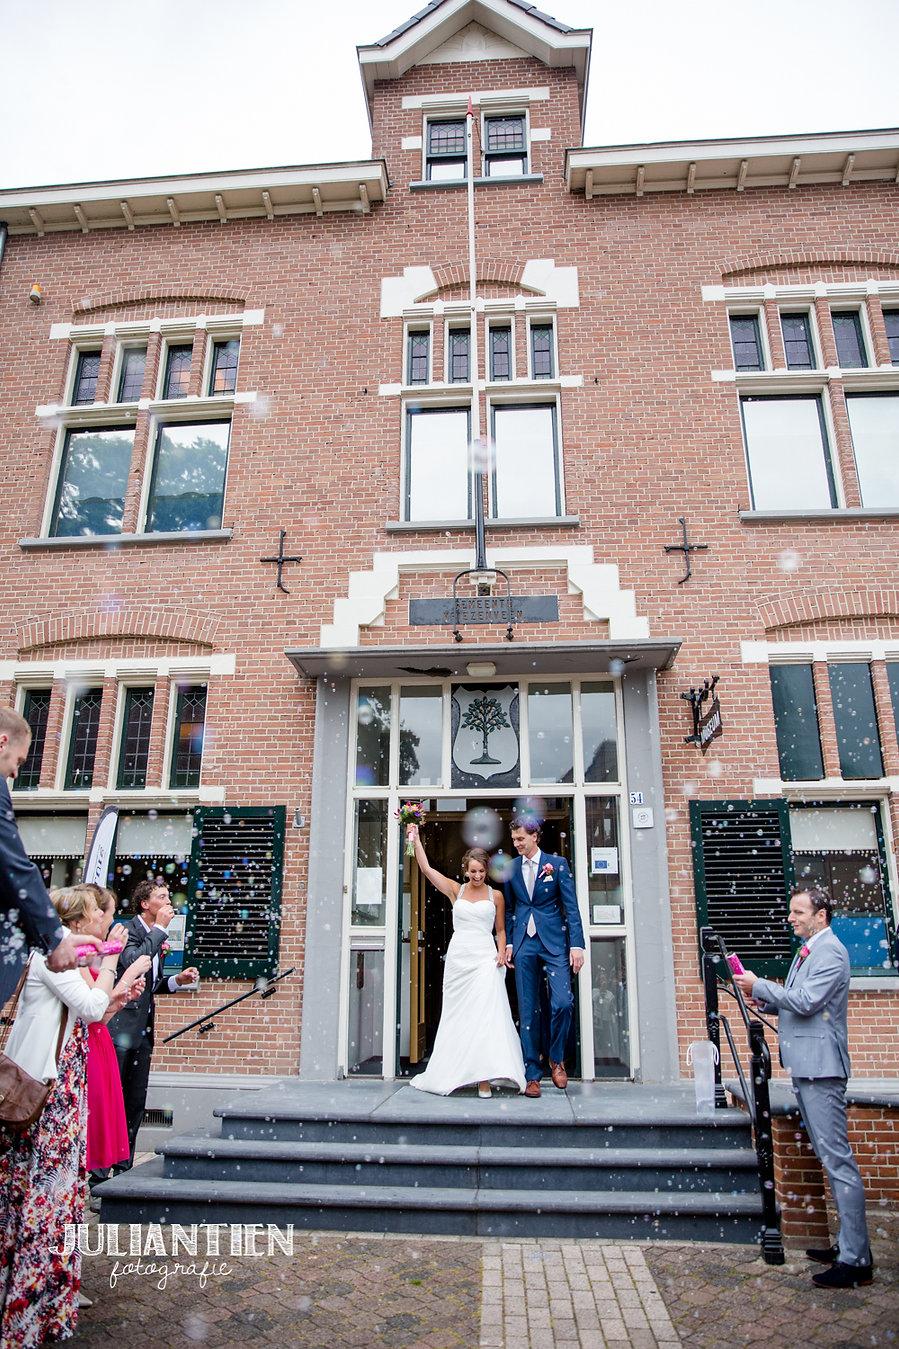 Het Historisch Museum Vriezenveen beschikt over een fantastisch mooie trouw locatie. De oude raadszaal van de vroegere gemeente Vriezenveen met haar prachtige glas in lood ramen maken het een autentieke en bijzondere locatie voor de meest bijzondere dag in uw leven.